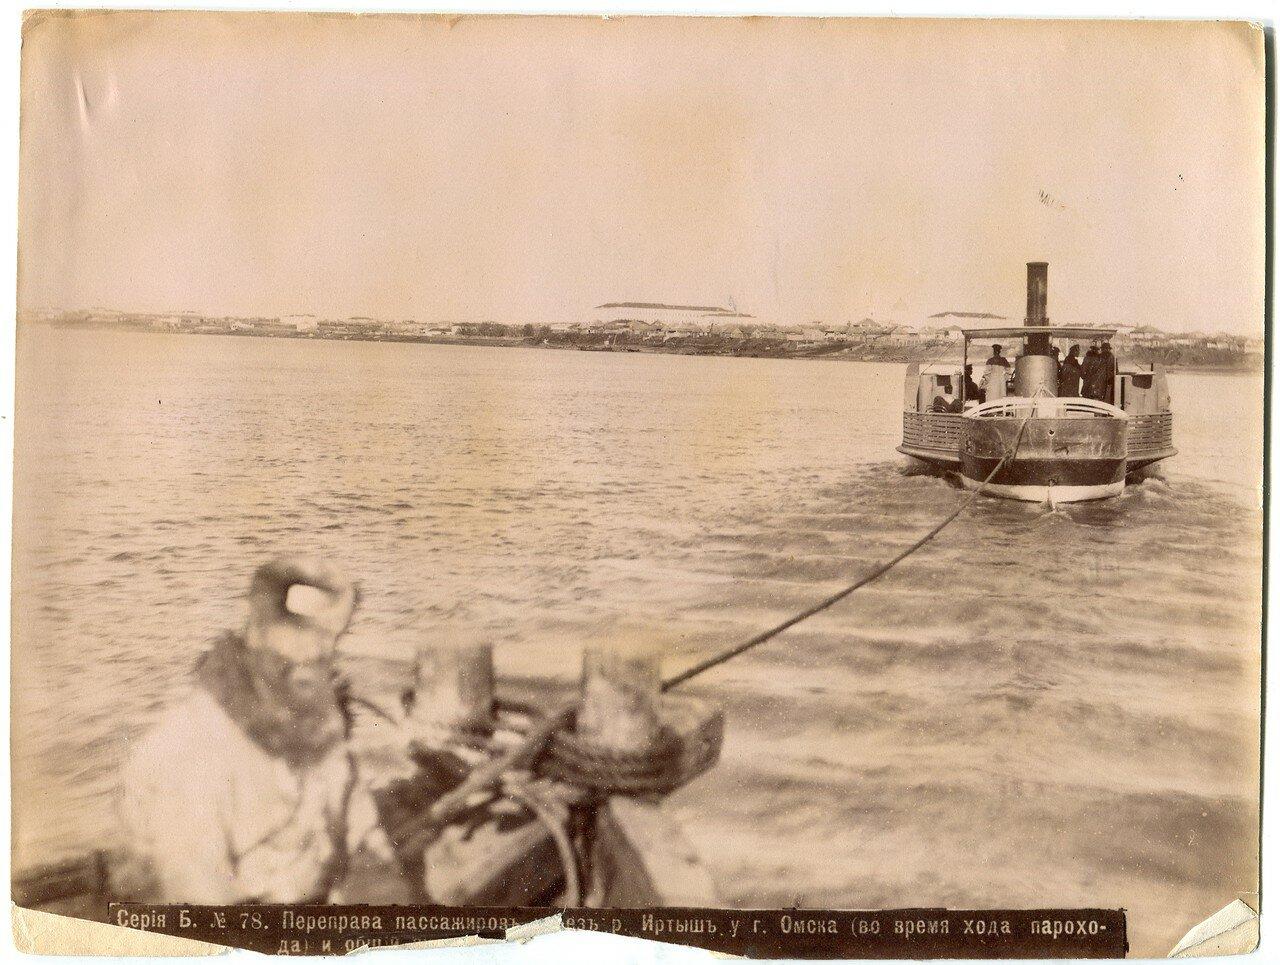 78. Переправа пассажиров через реку Иртыш у Омска (во время хода парохода и общий вид города